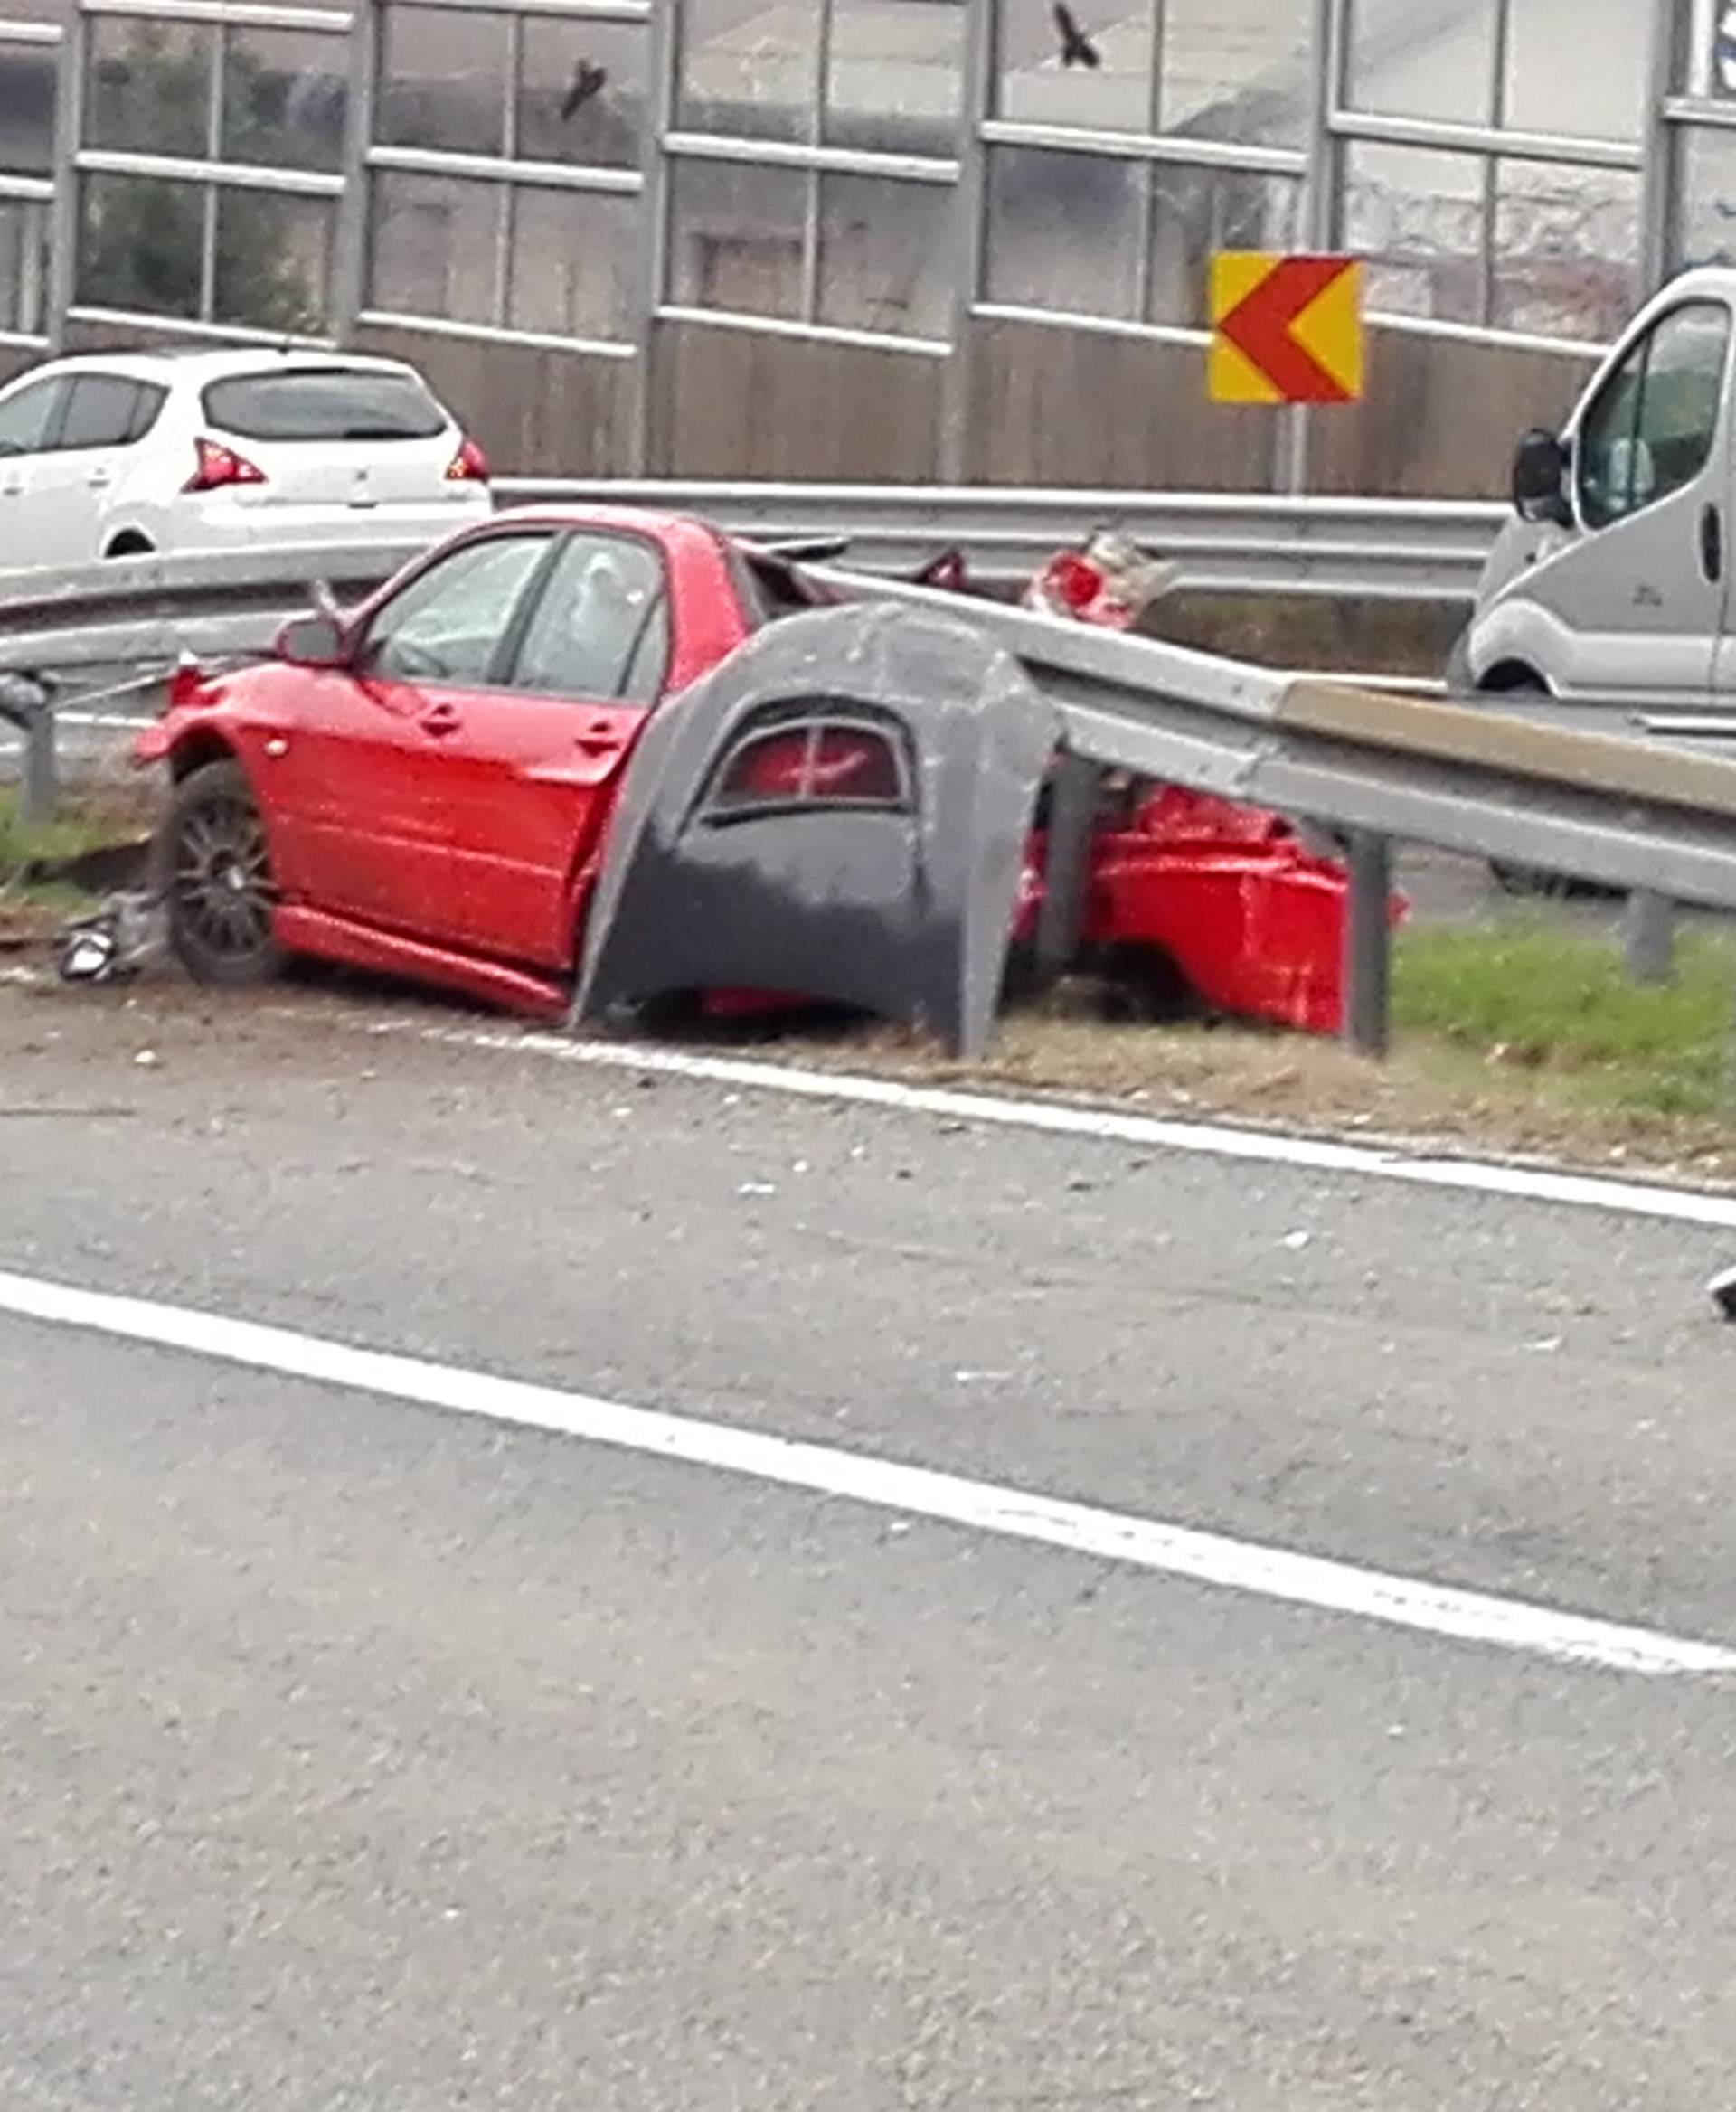 Zabio se Mitsubishijem ispod zaštitne ograde pa pobjegao